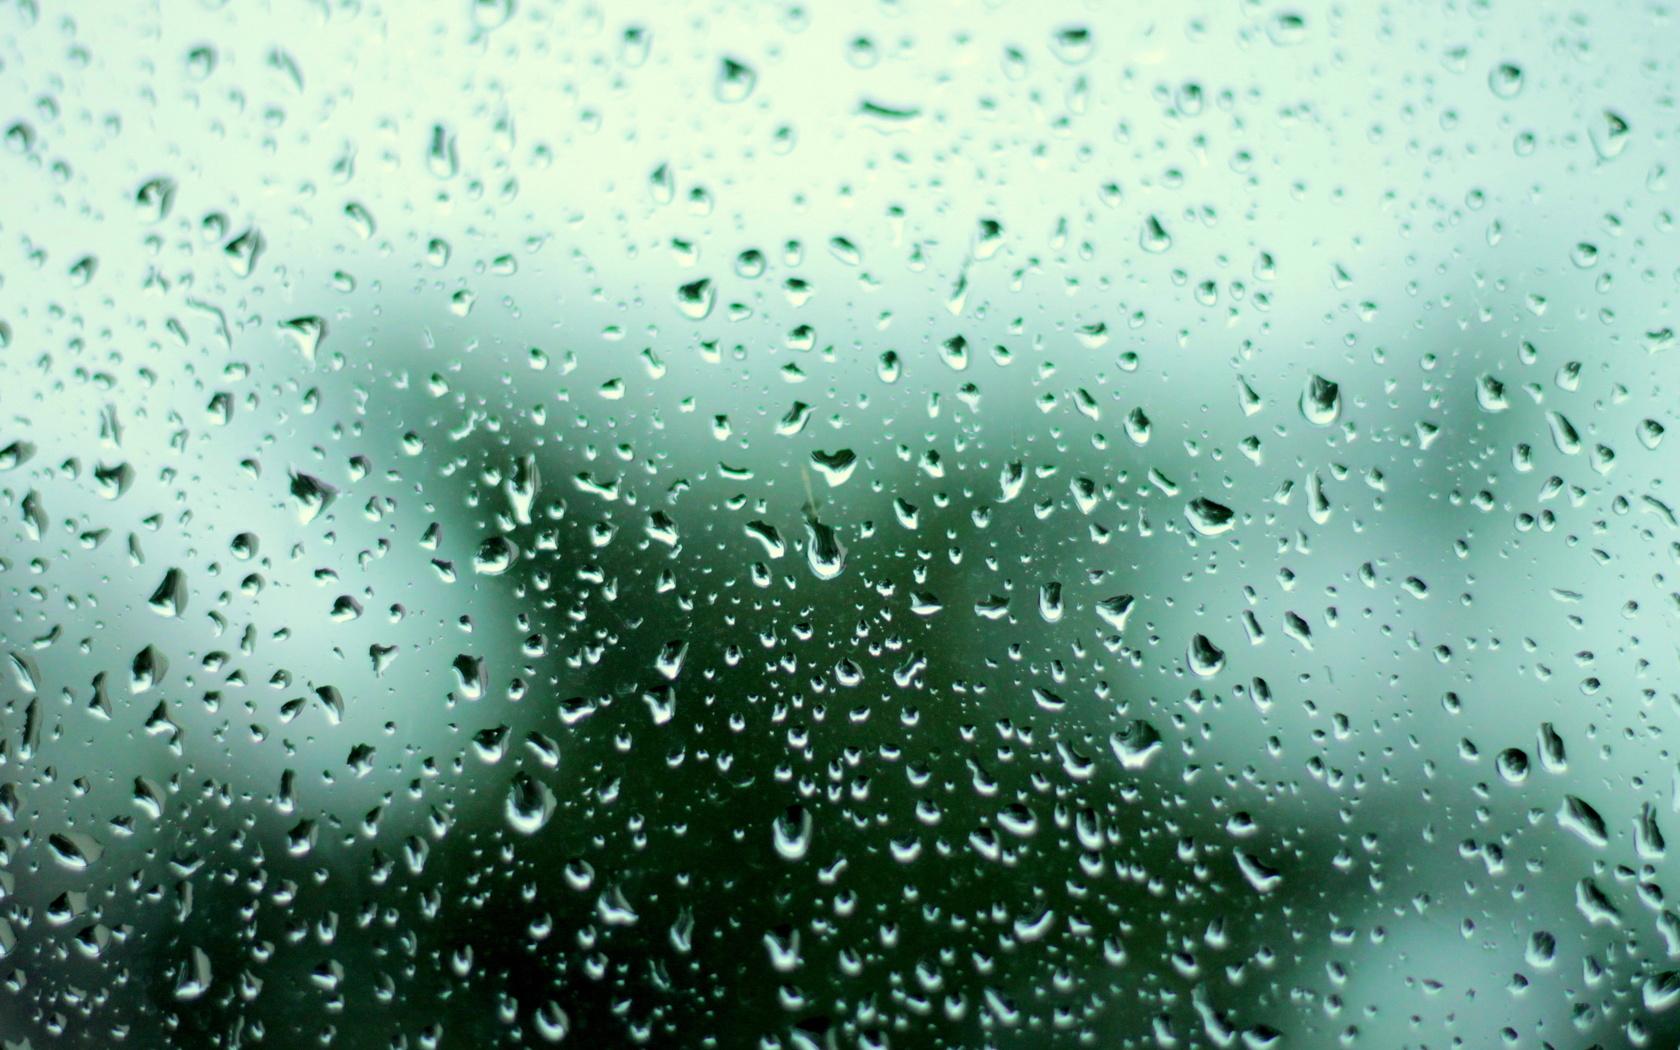 июне стражей картинки дождя для ютуба росли вокруг небольшого